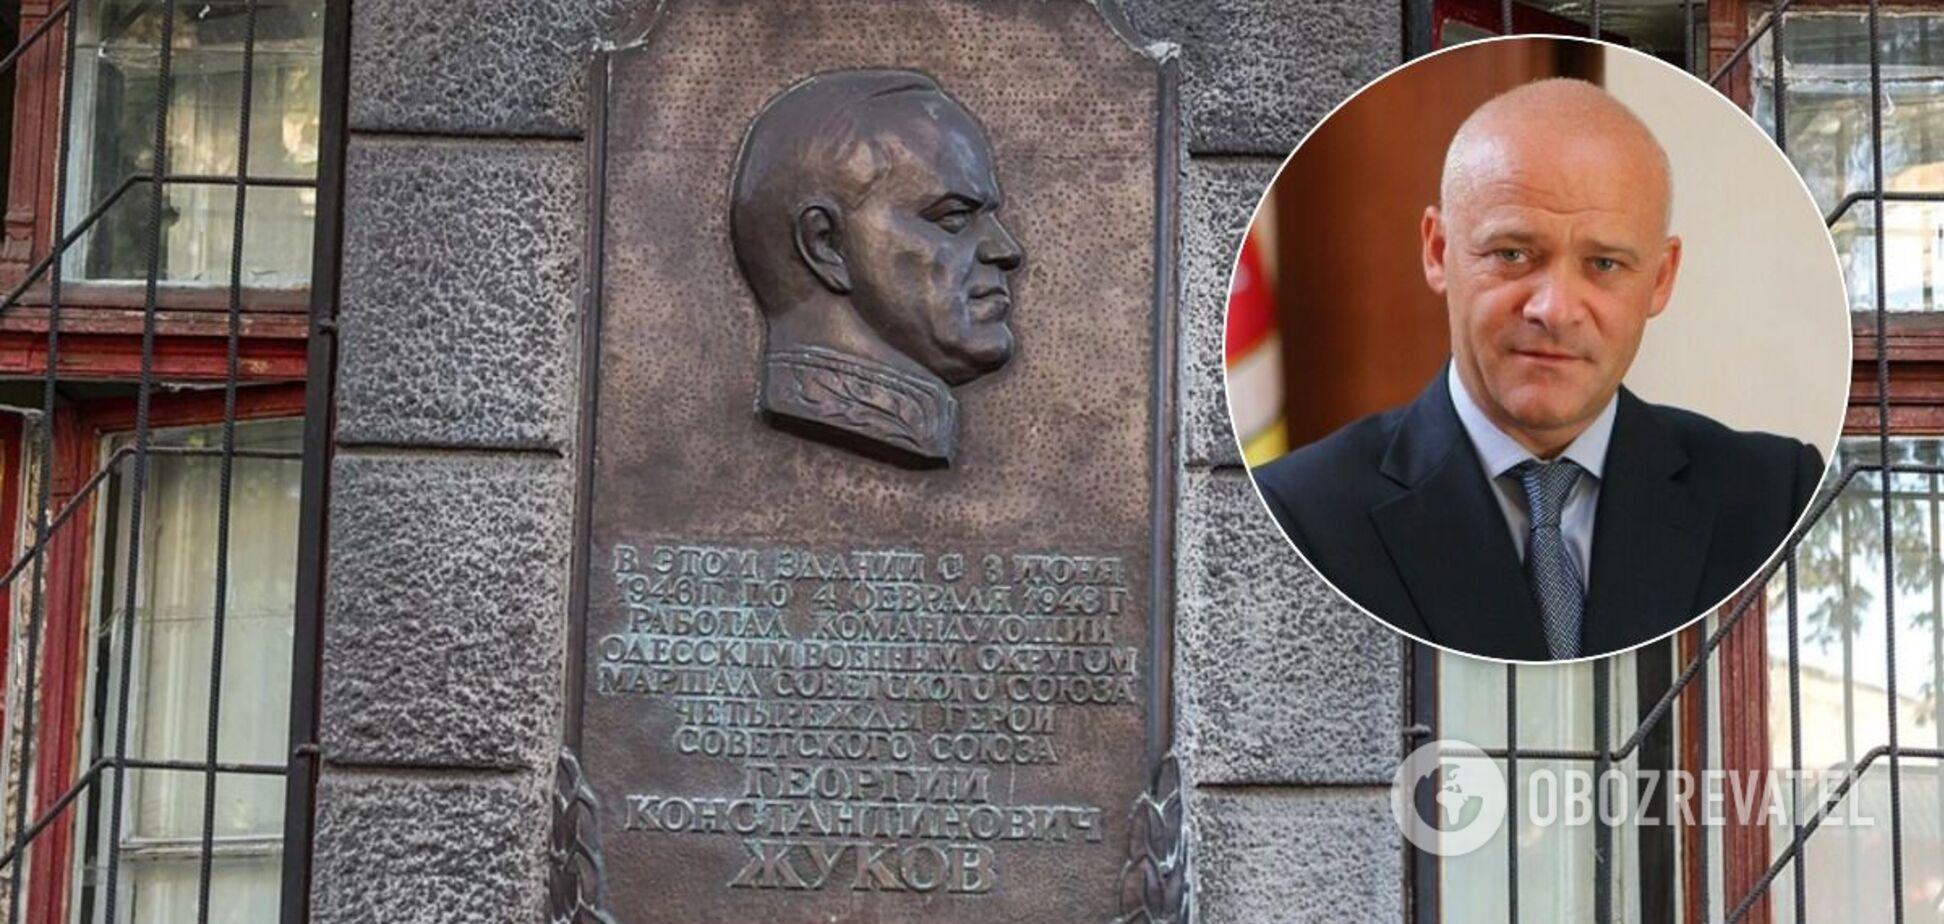 ЄС вимагає зупинити спроби перейменування проспекту Небесної Сотні в Одесі